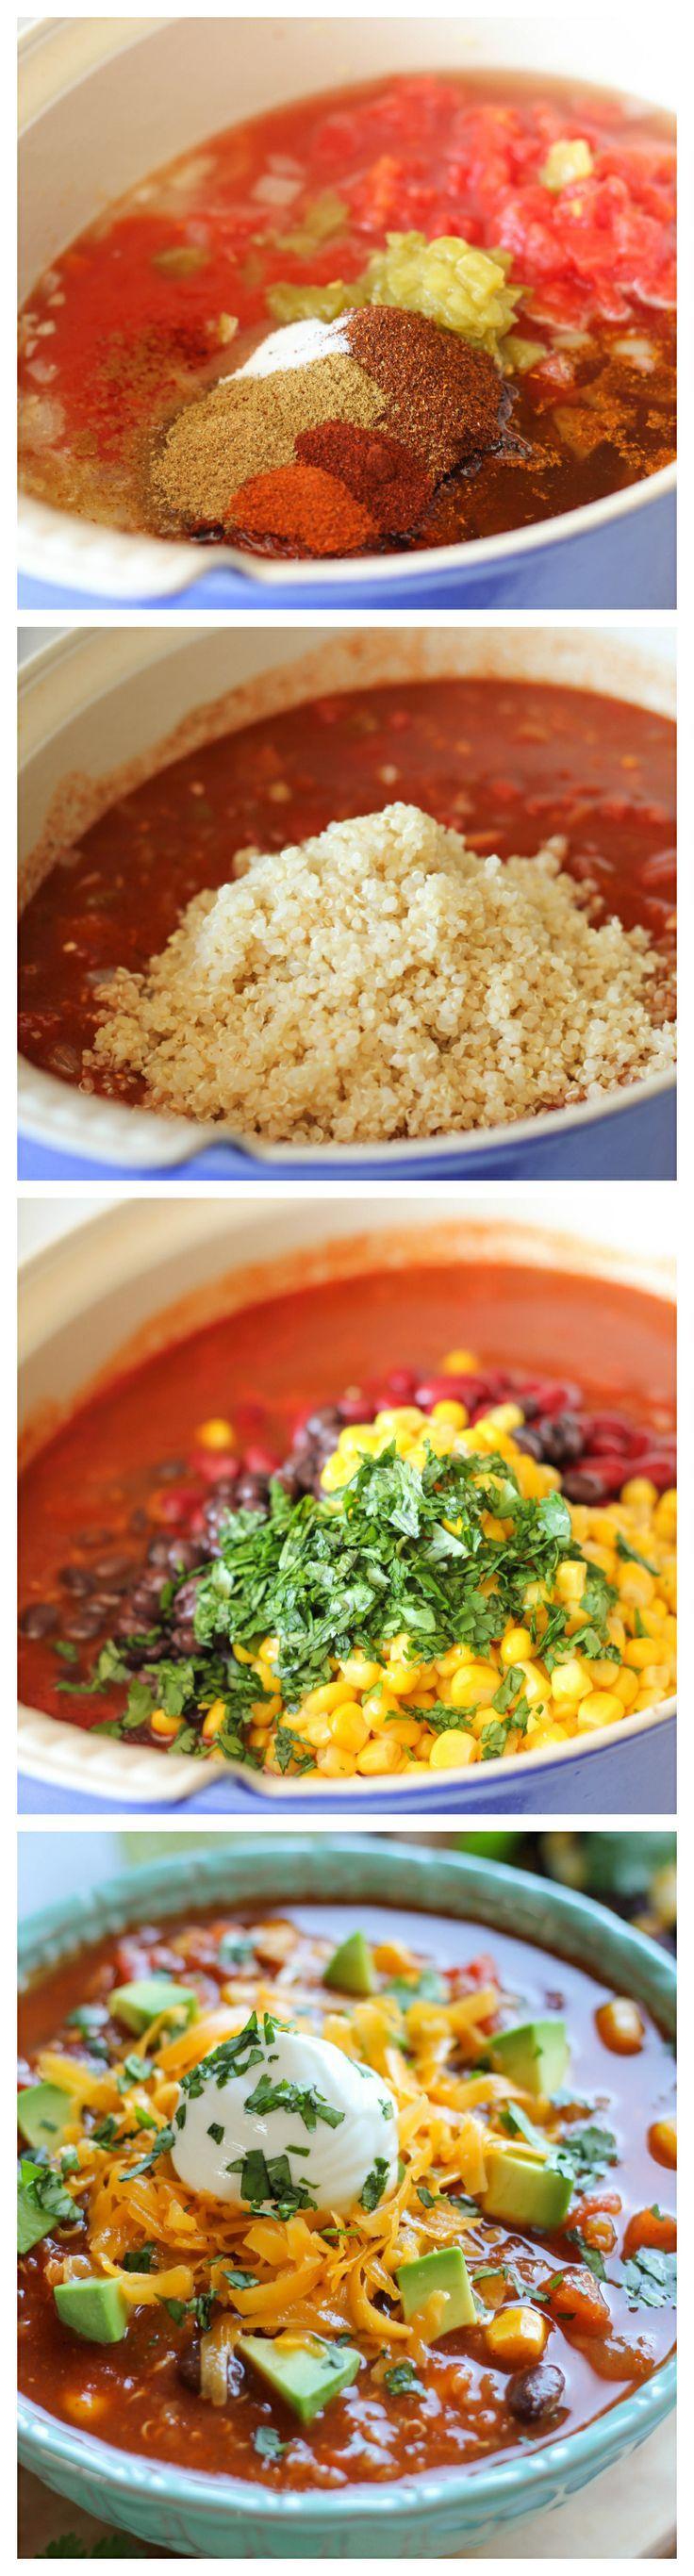 Quinoa Chili - vegetarian, protein-packed.